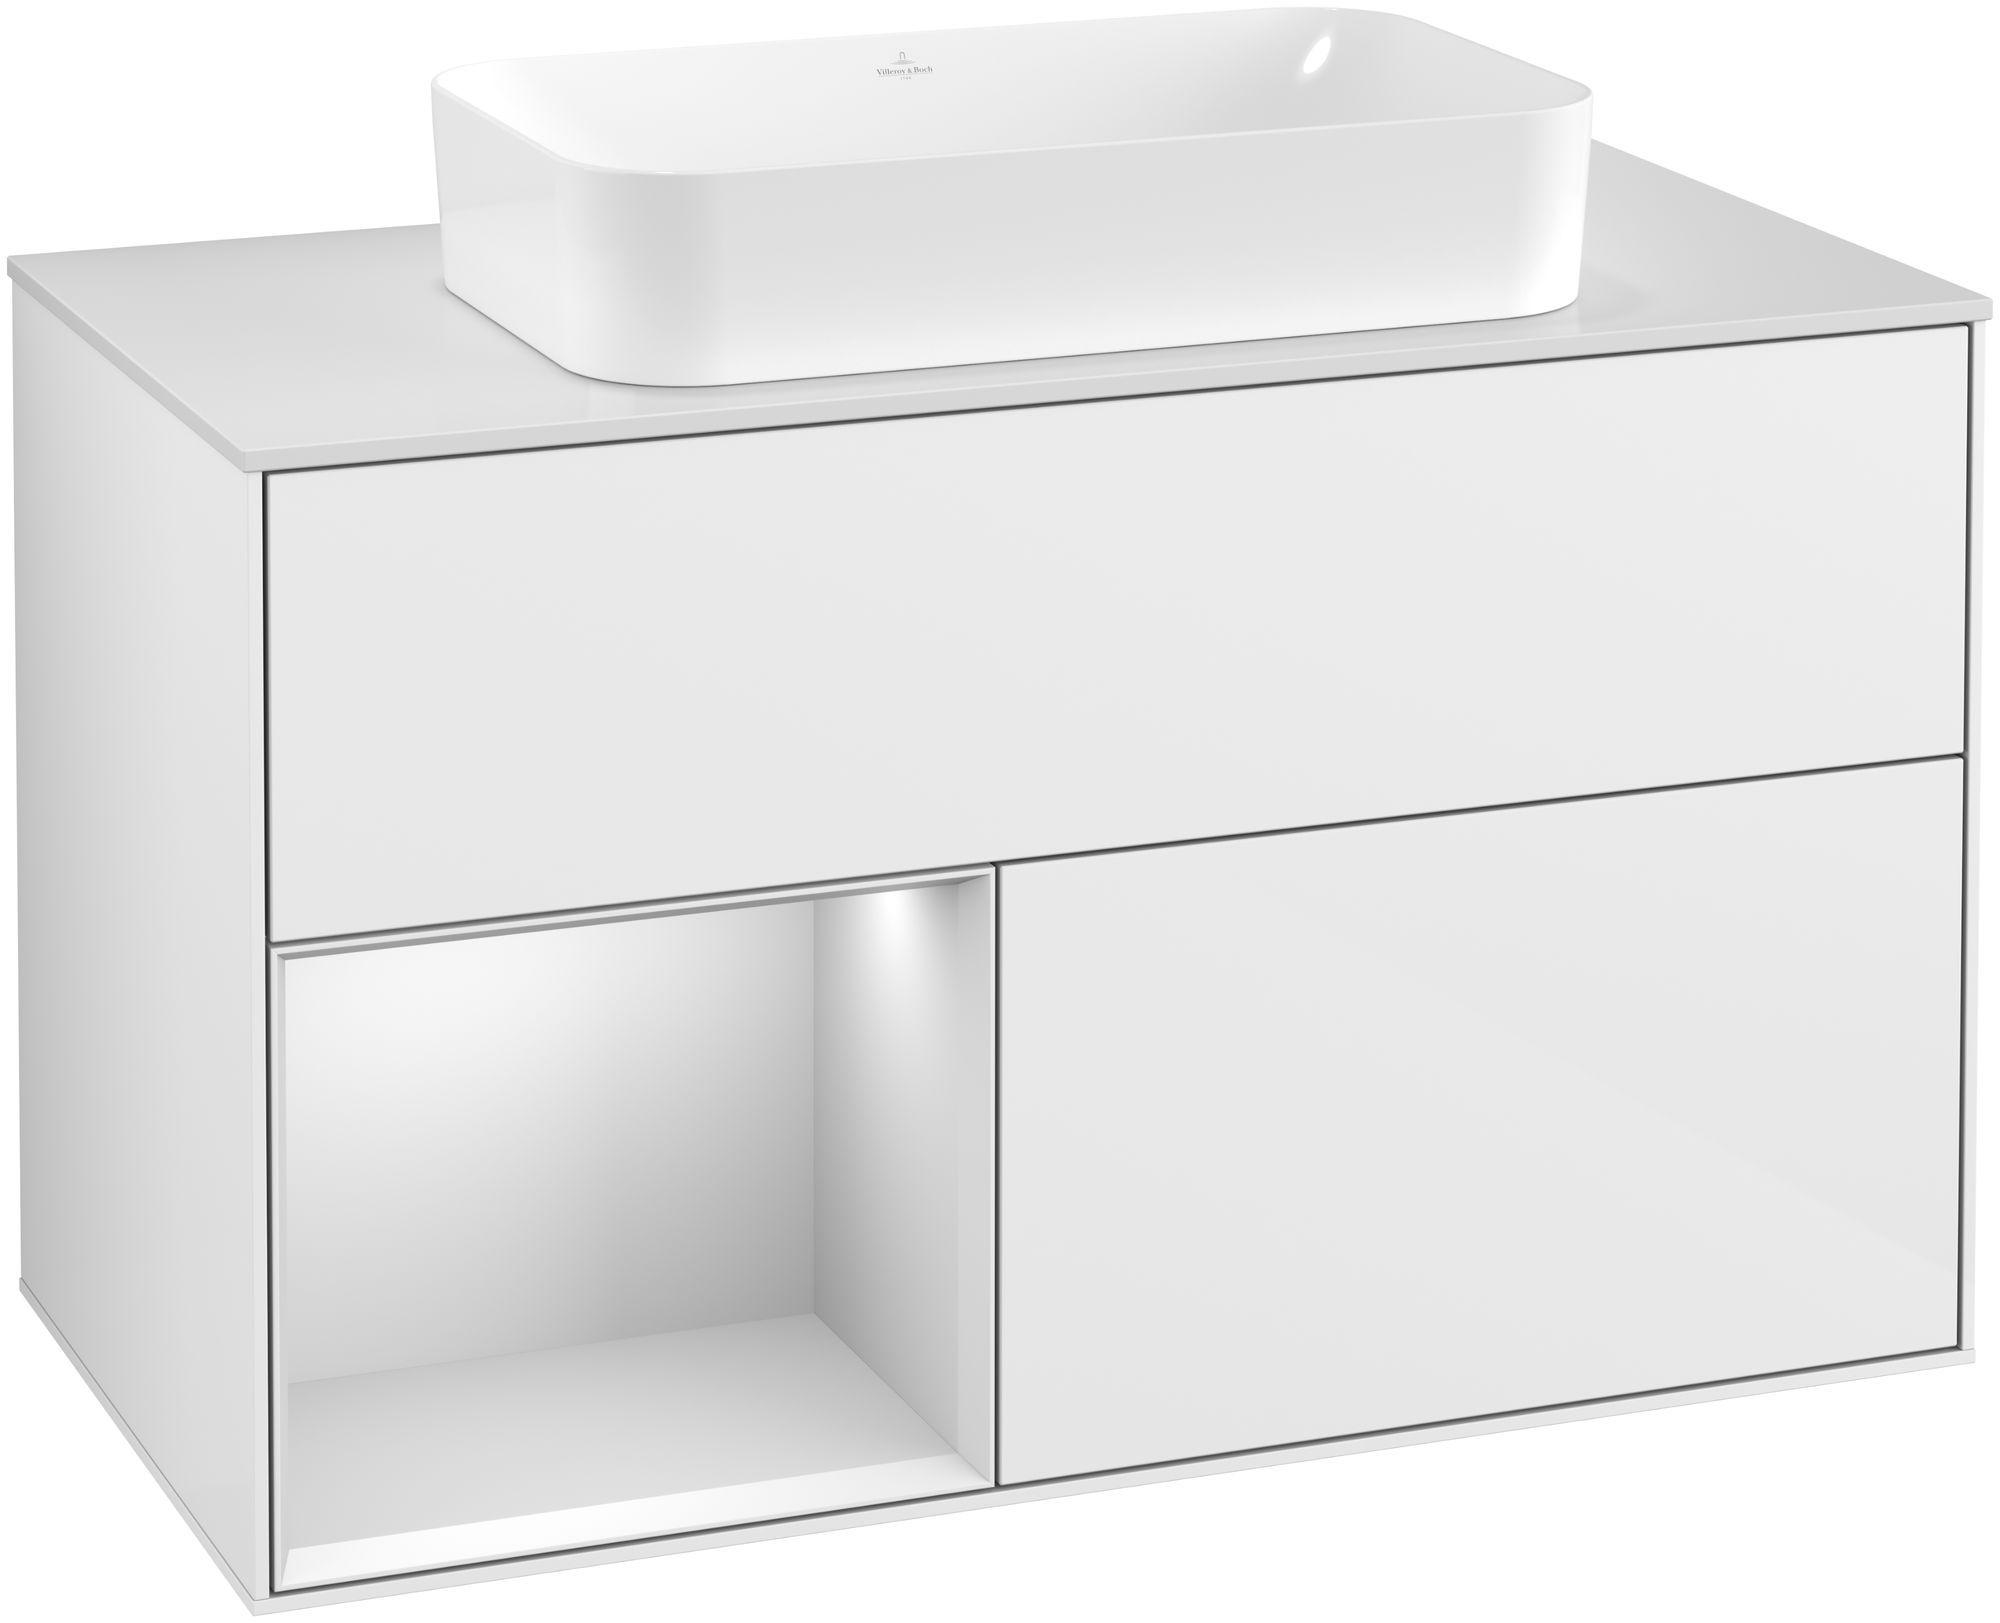 Villeroy & Boch Finion G24 Waschtischunterschrank mit Regalelement 2 Auszüge für WT mittig LED-Beleuchtung B:100xH:60,3xT:50,1cm Front, Korpus: Glossy White Lack, Regal: Weiß Matt Soft Grey, Glasplatte: White Matt G241MTGF